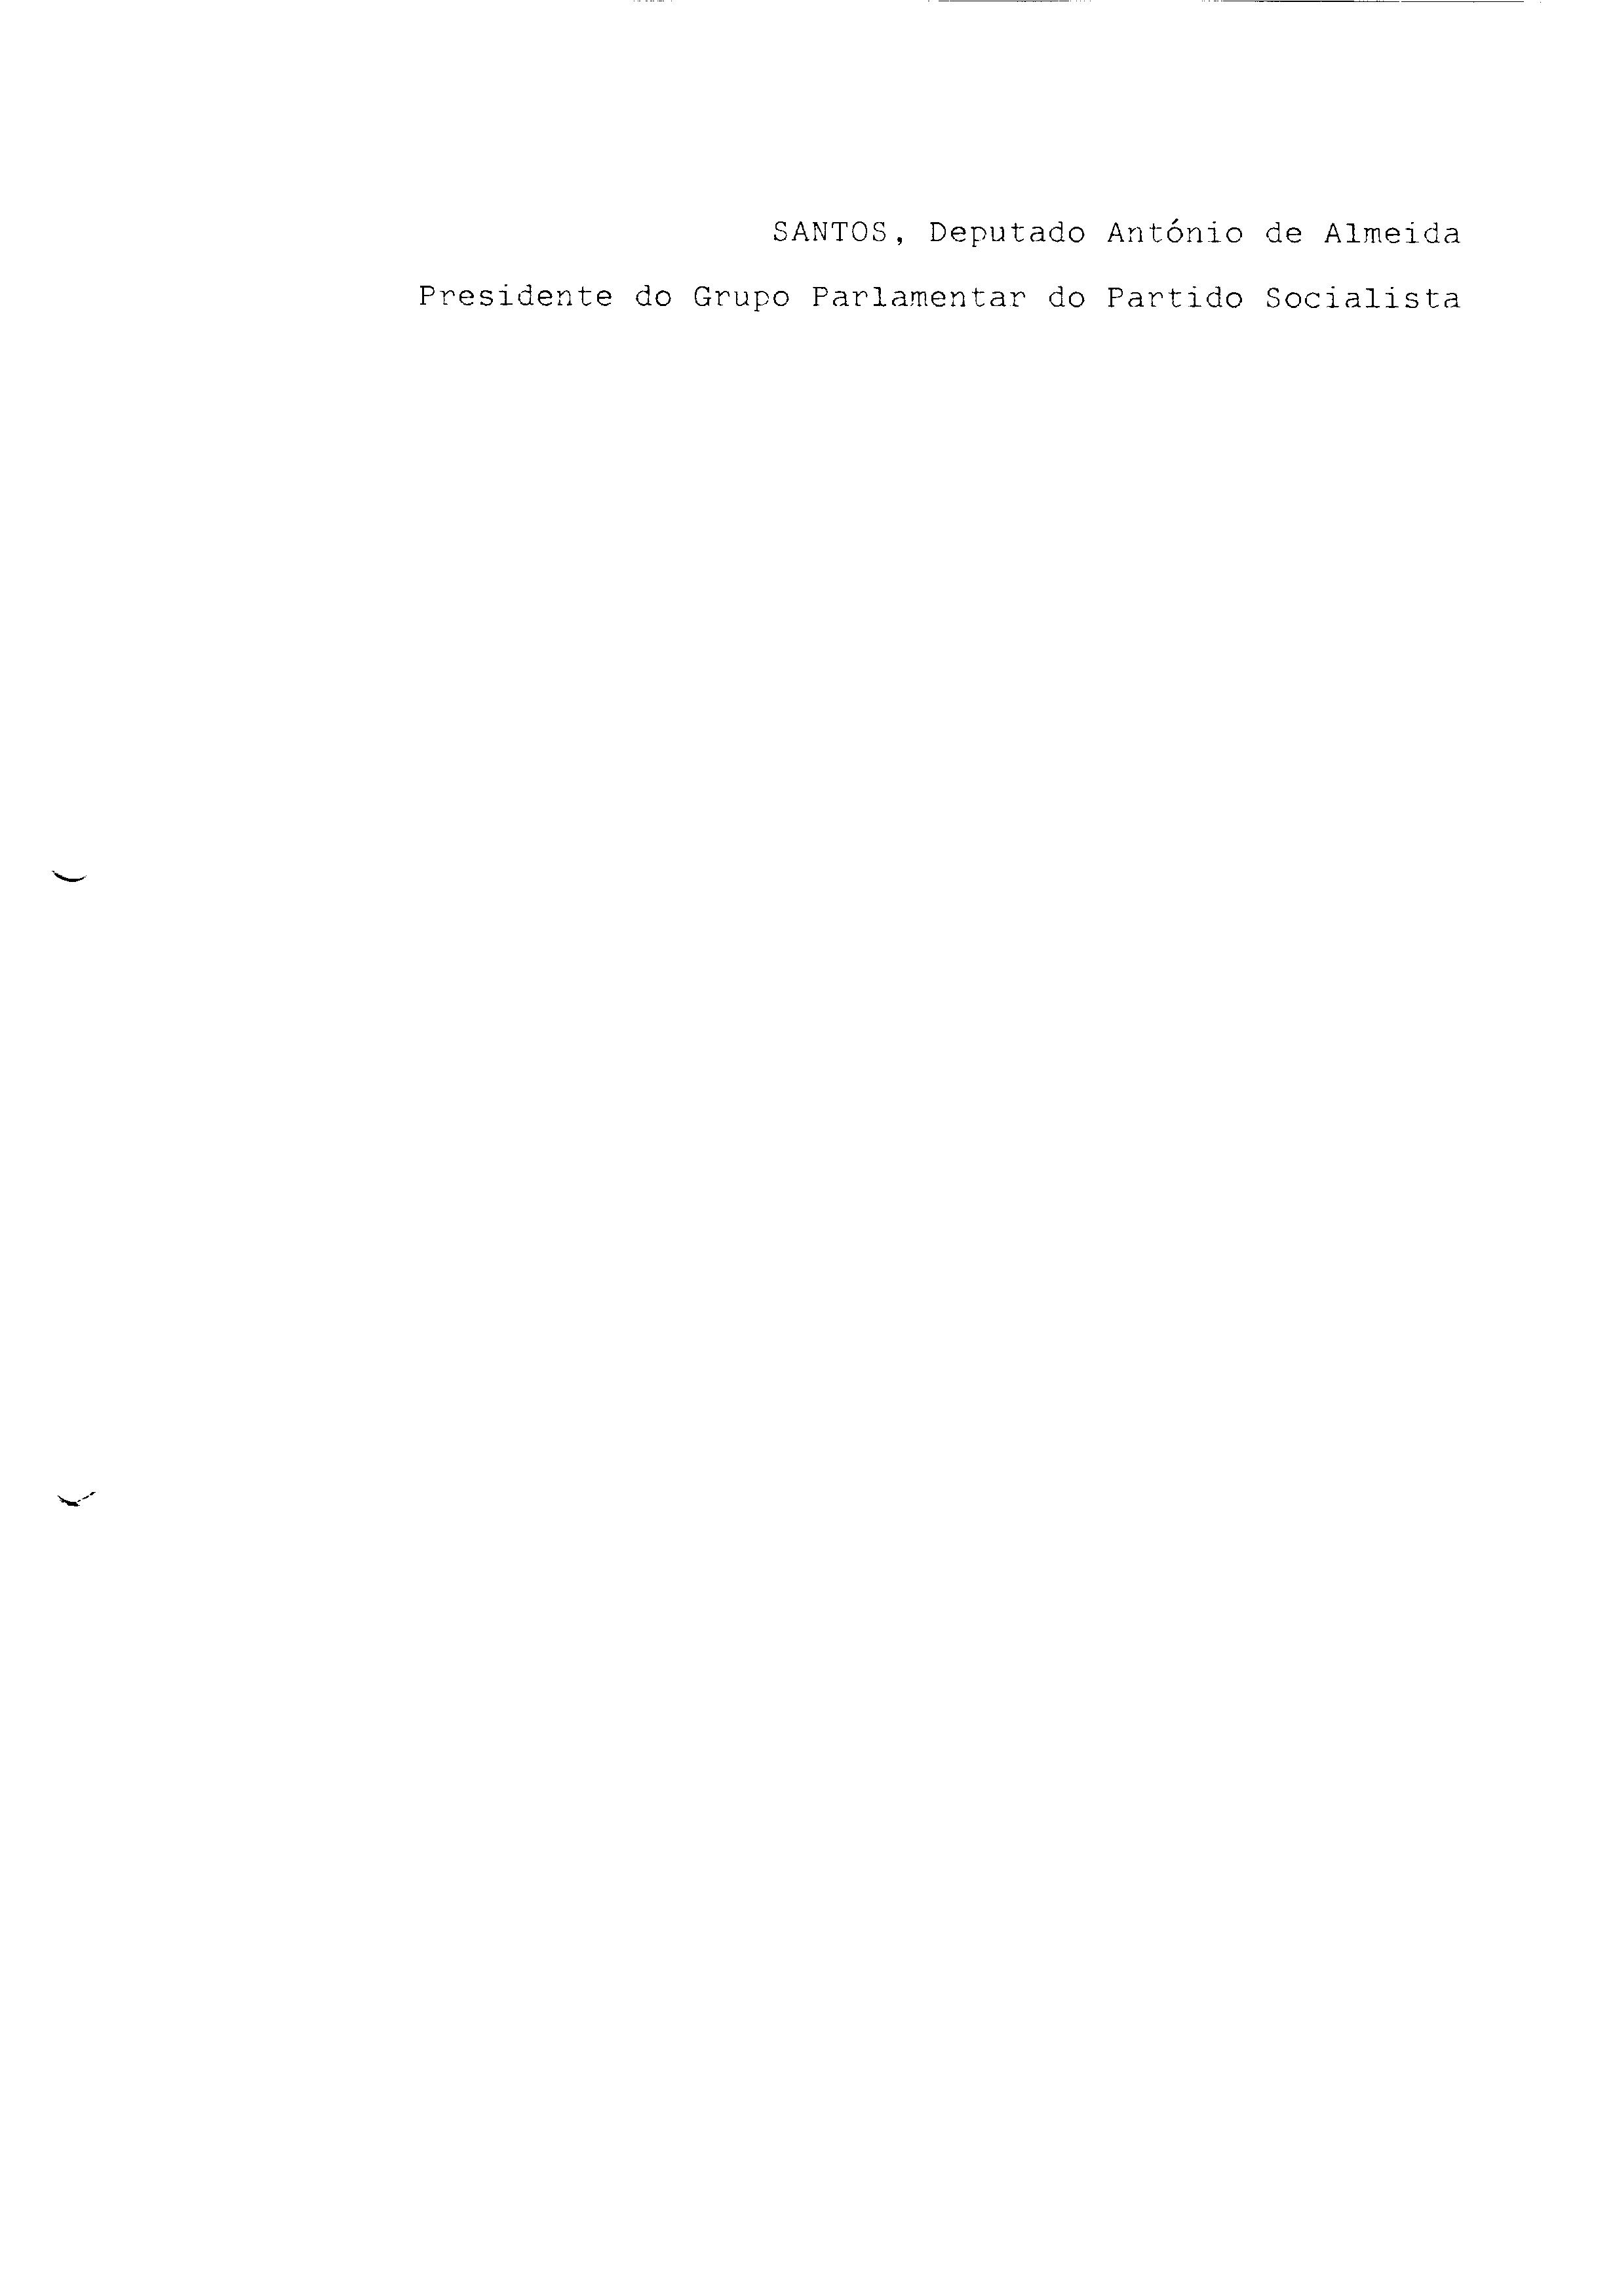 02004.015- pag.1